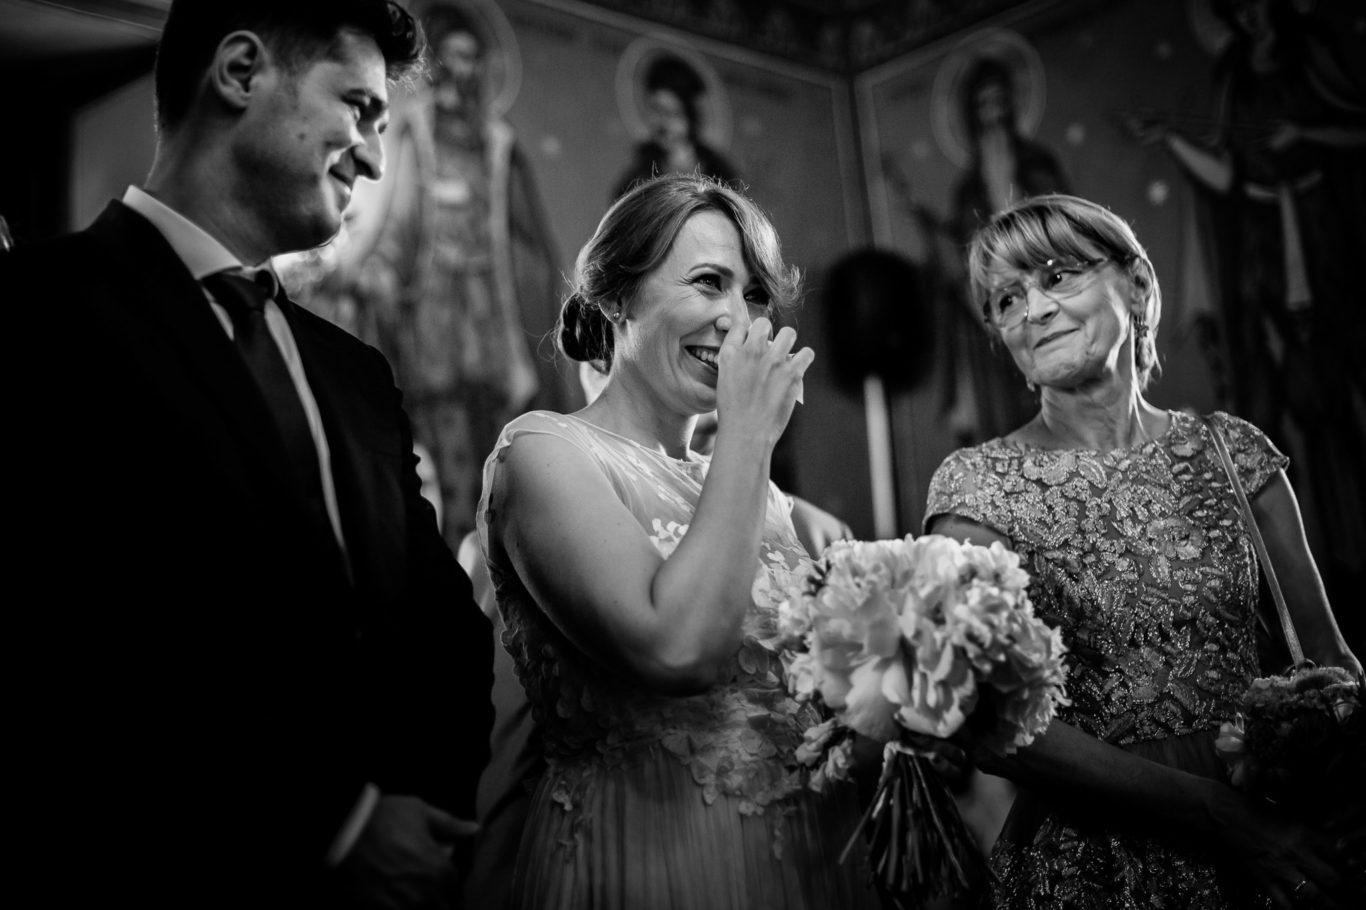 0233-Fotografie-nunta-botez-Ingrid-Geta-Mihai-fotograf-Ciprian-Dumitrescu-DCF_8877